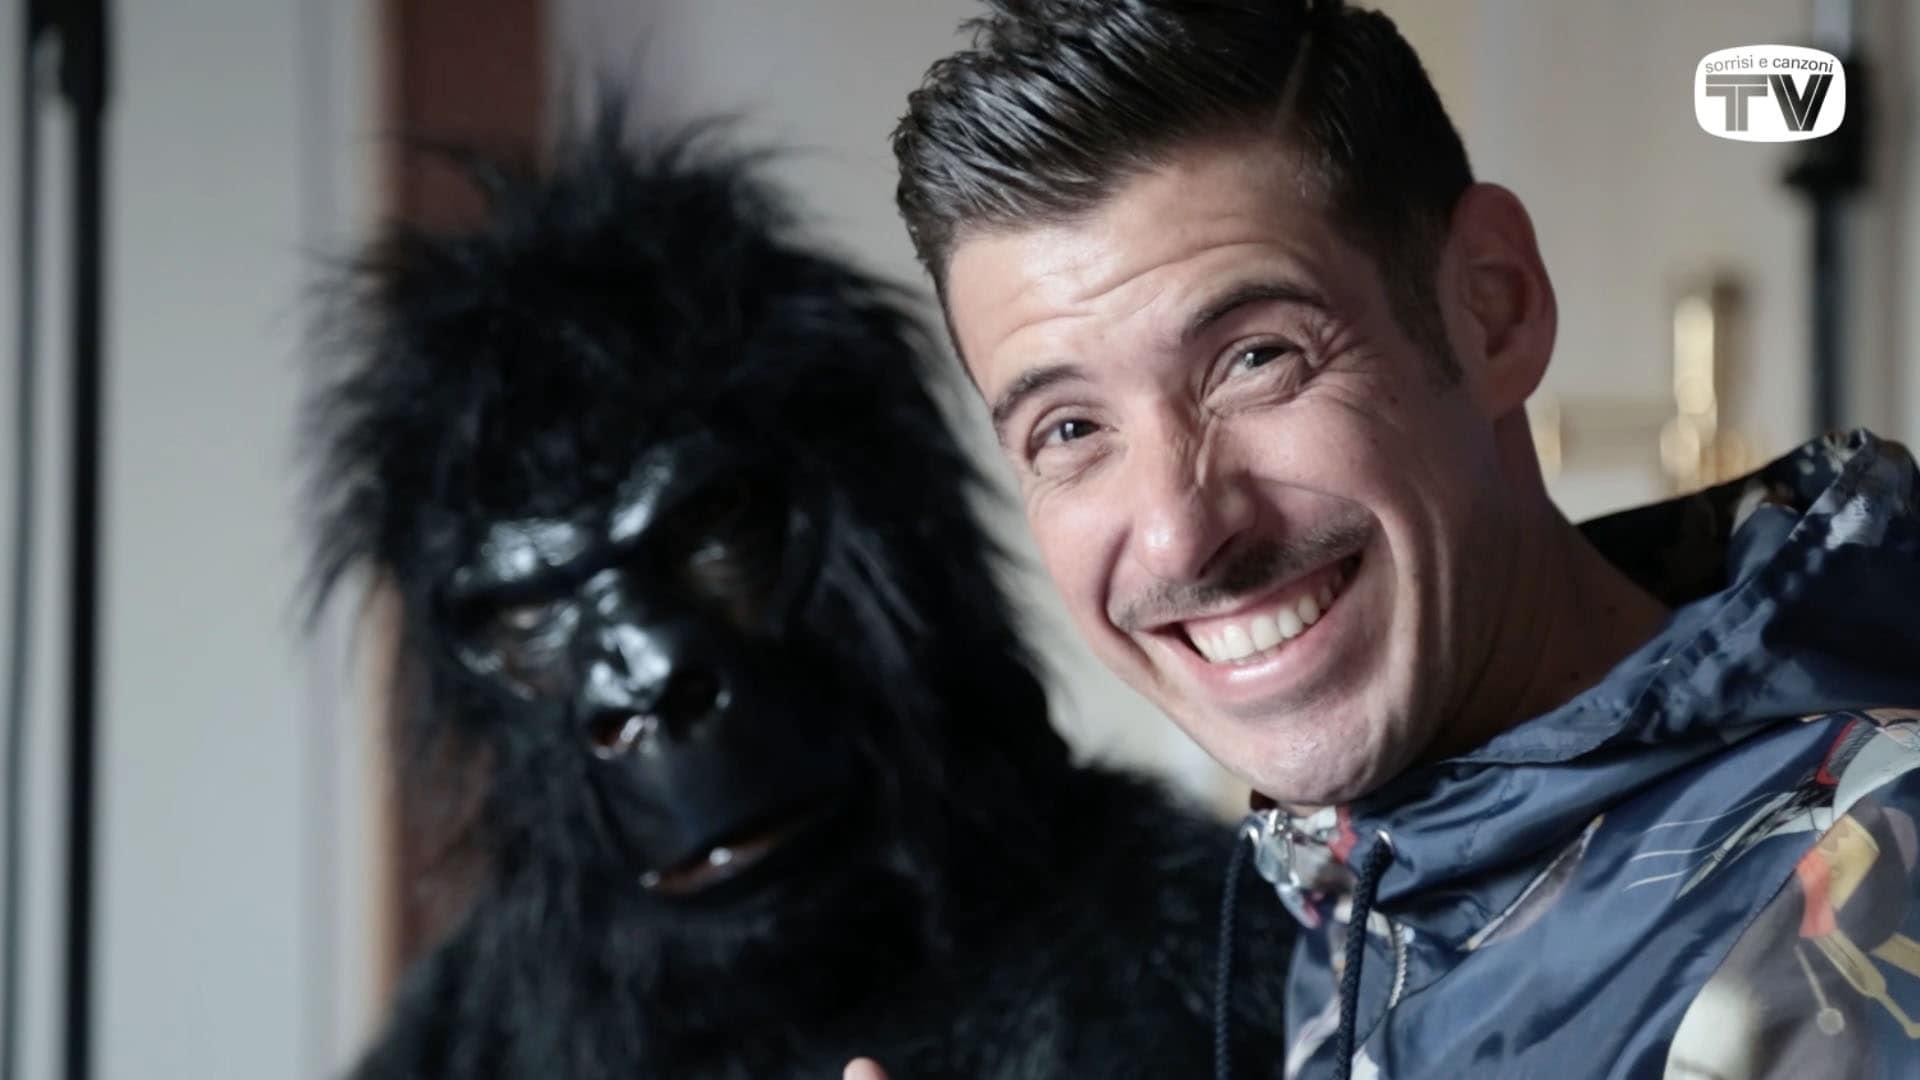 francesco gabbani porto la scimmia all 39 eurovision song